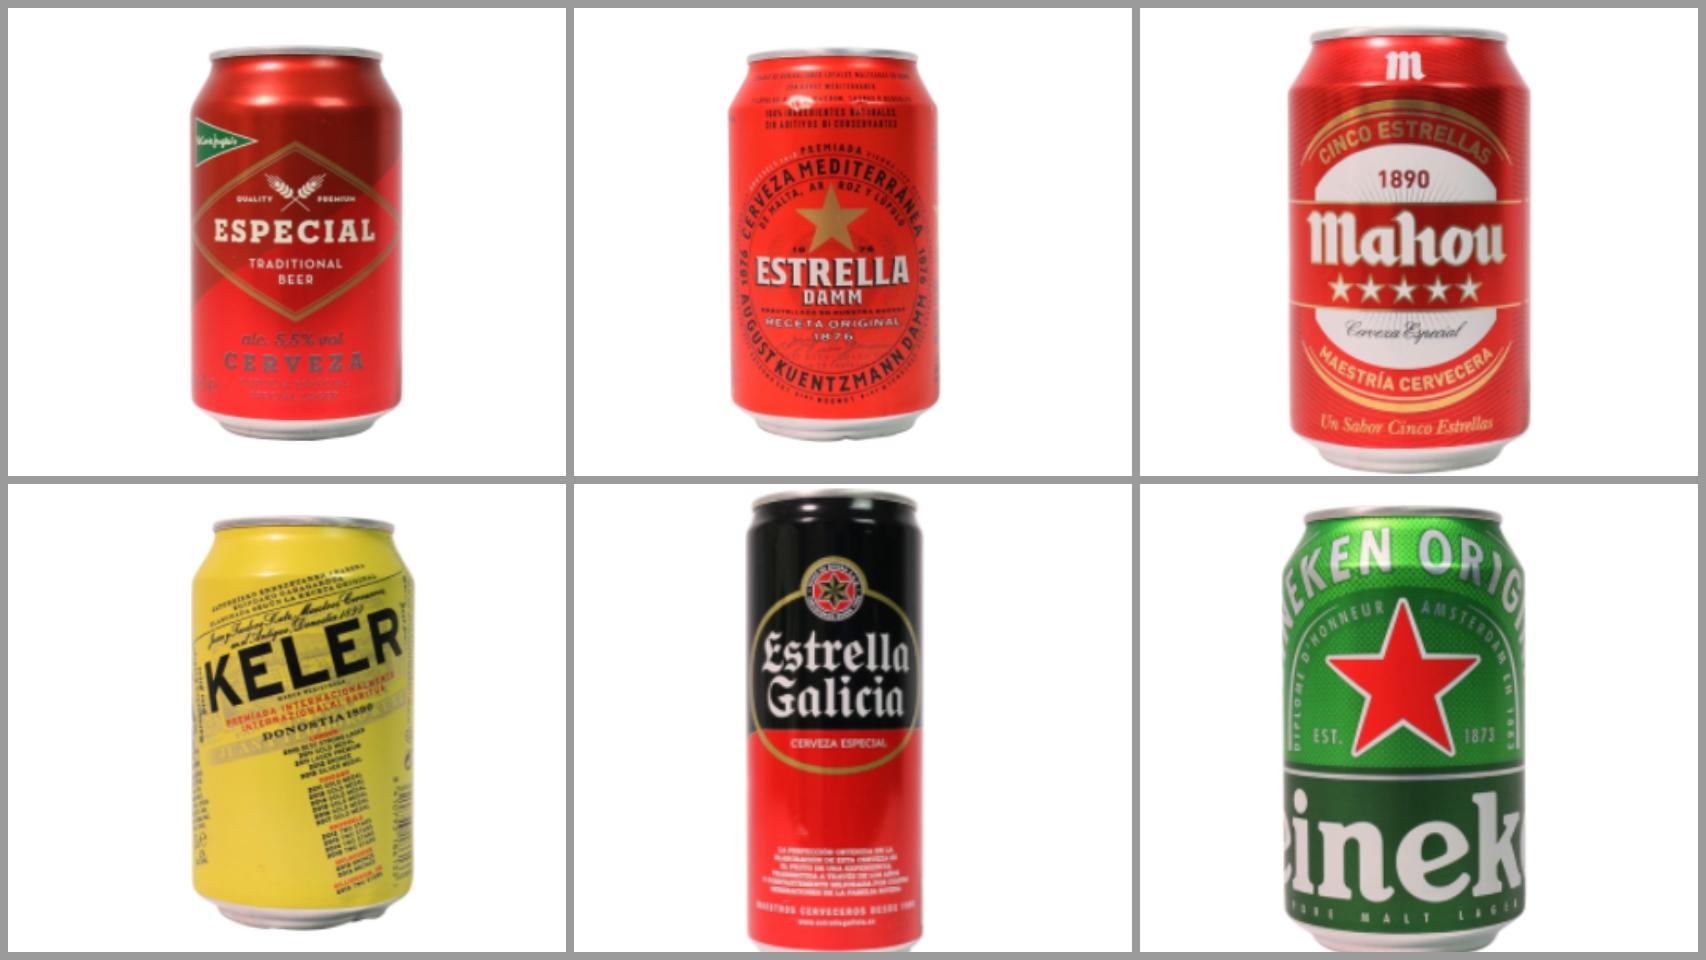 Algunas de las mejores cervezas según la OCU.